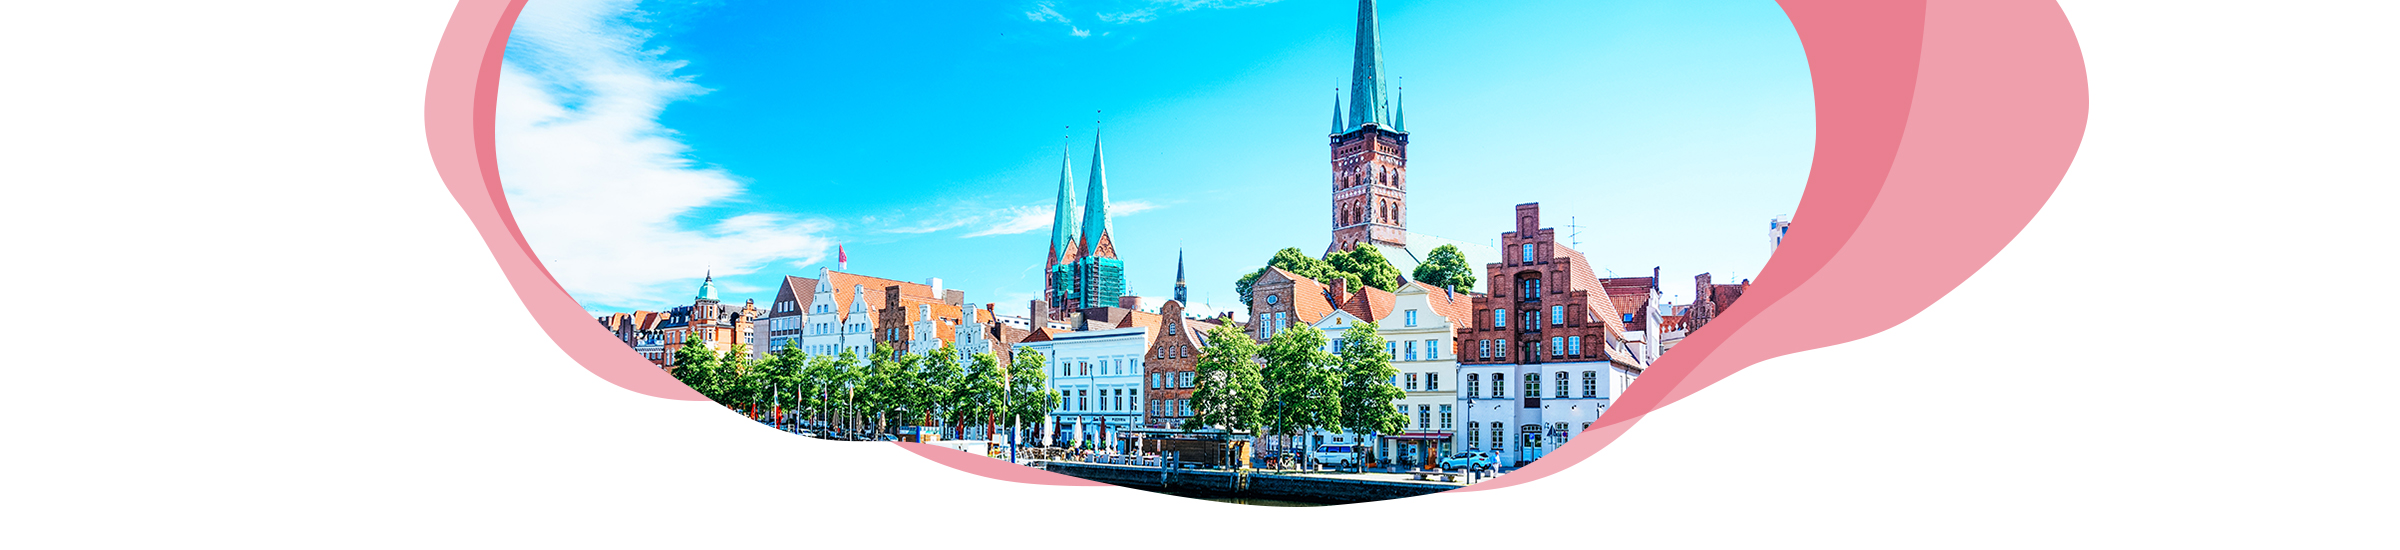 Digitale Reise Schleswig-Holstein Header